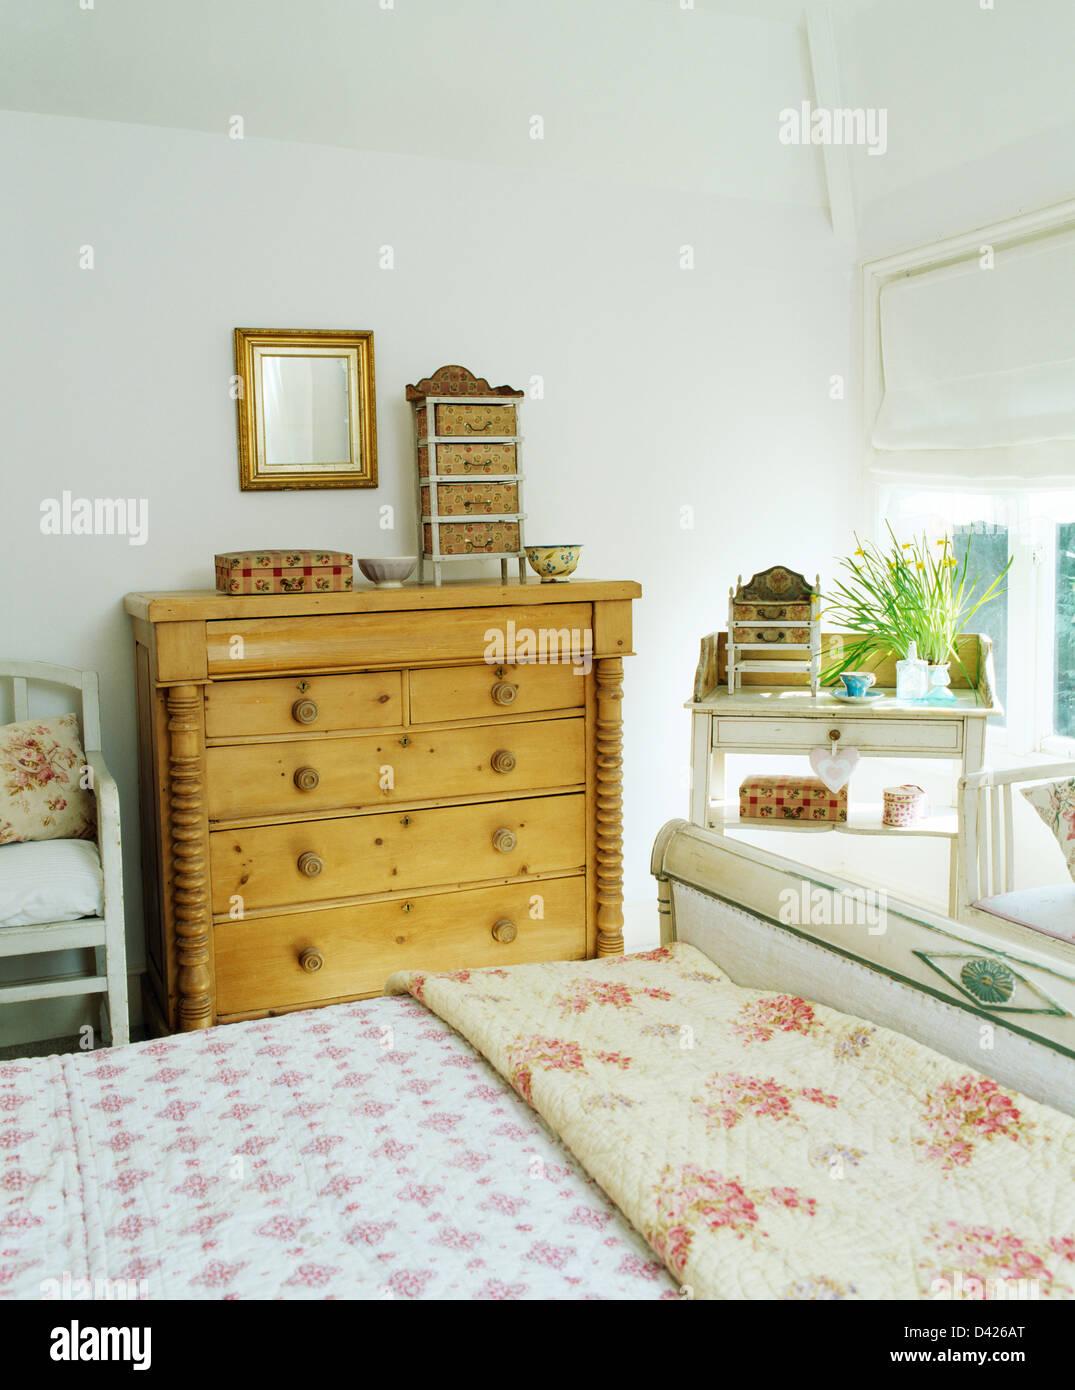 Quilt Rose gemustert und Bettdecke auf Bett in weißem Land Schlafzimmer mit Antik Kiefer Kommode ...